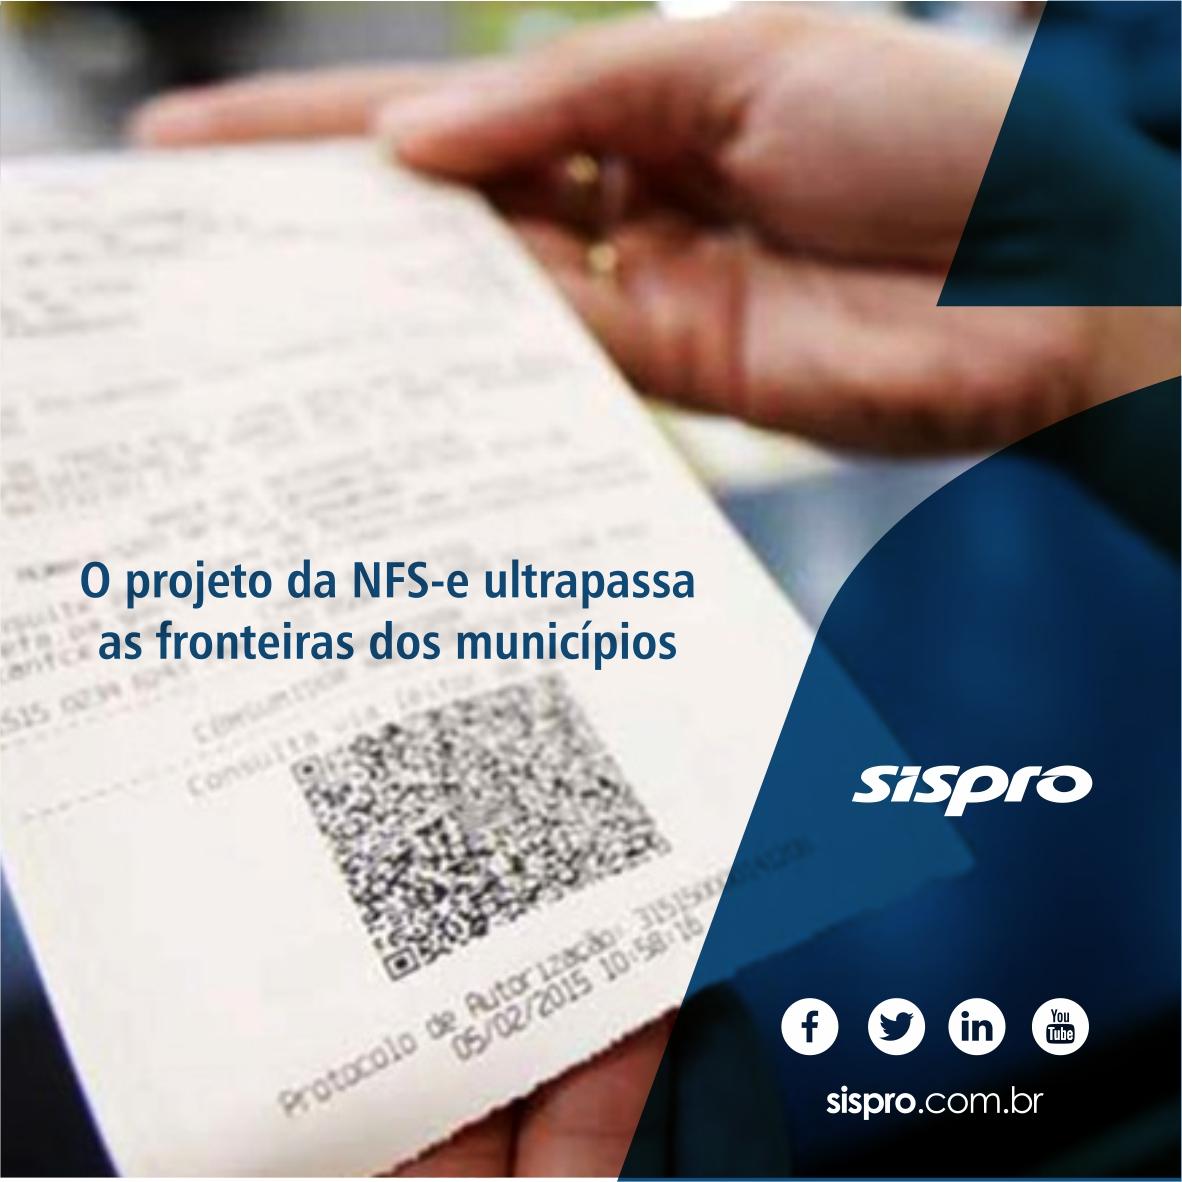 o-projeto-da-nfs-e-ultrapassa-as-fronteiras-dos-municipios